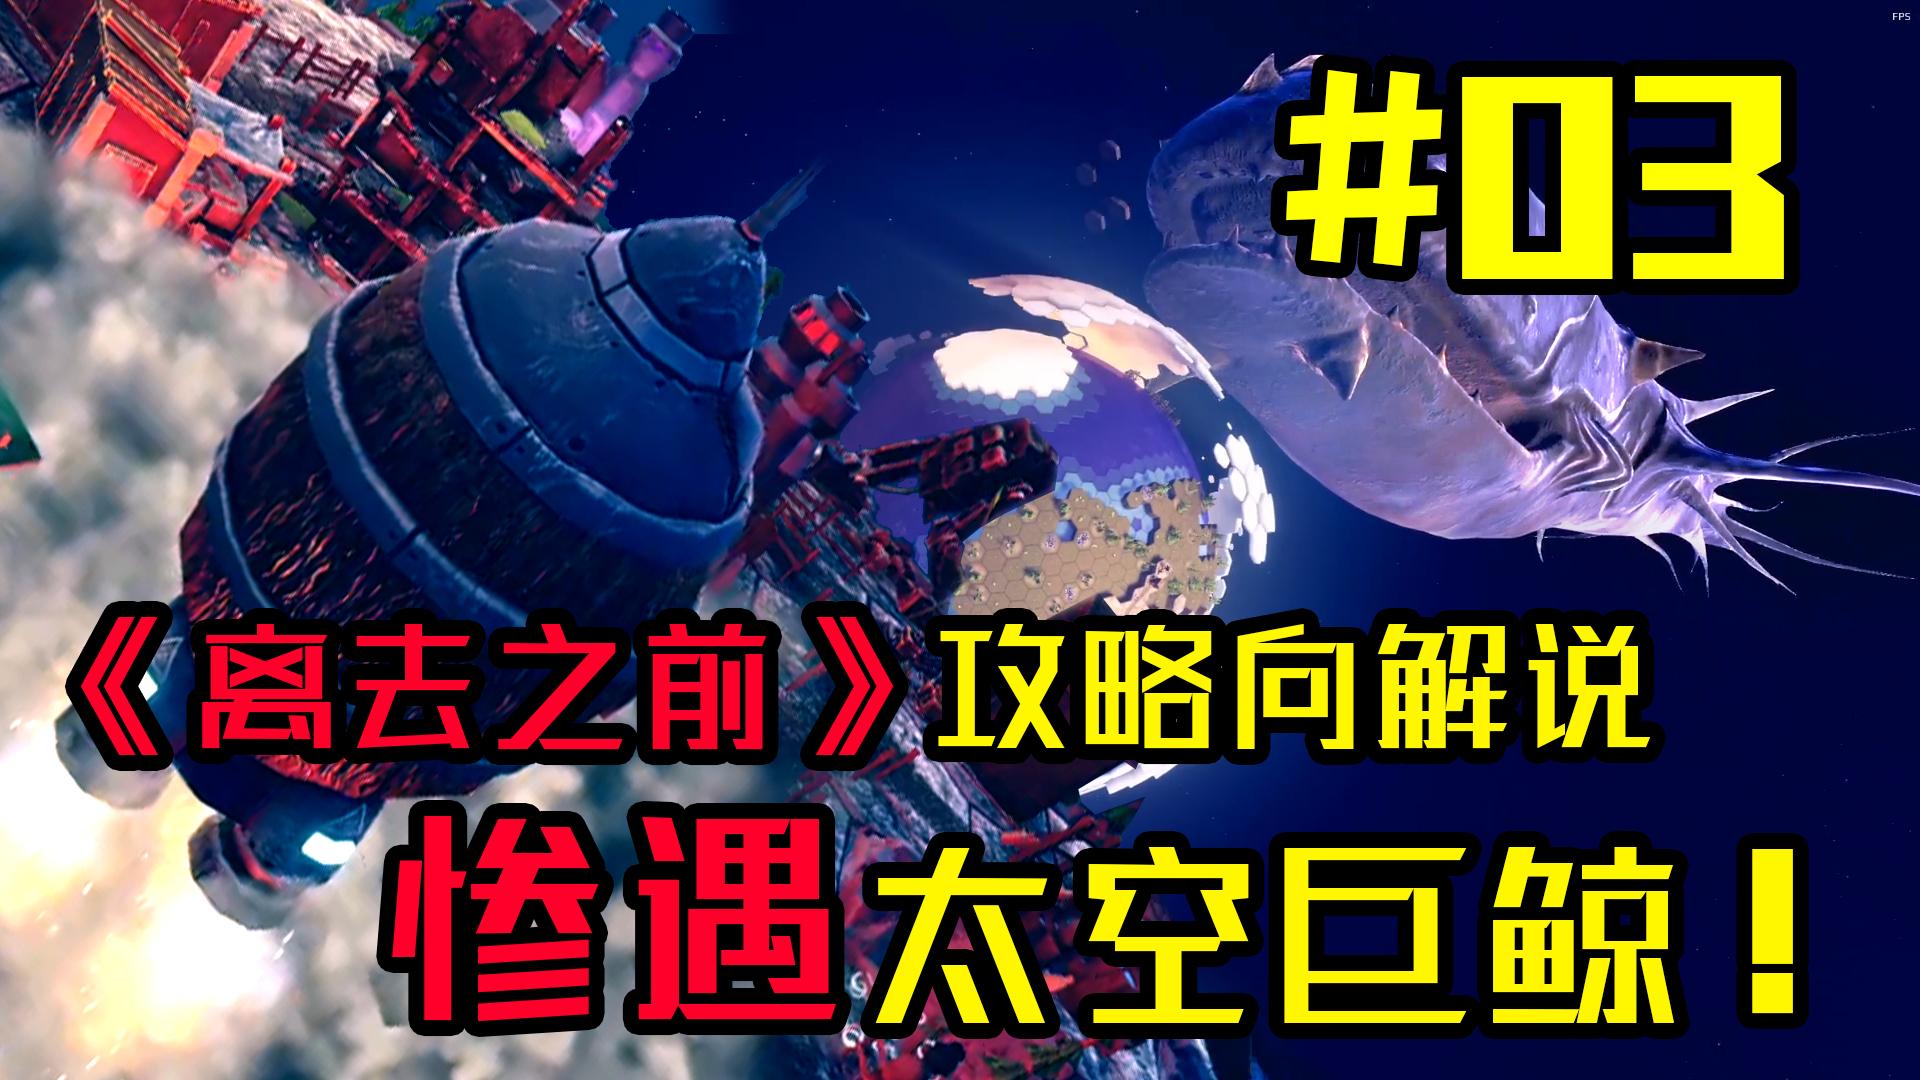 【独家】新人类首次进入太空!竟遭到太空巨鲸袭击?《Before We Leave》-03【QPC】